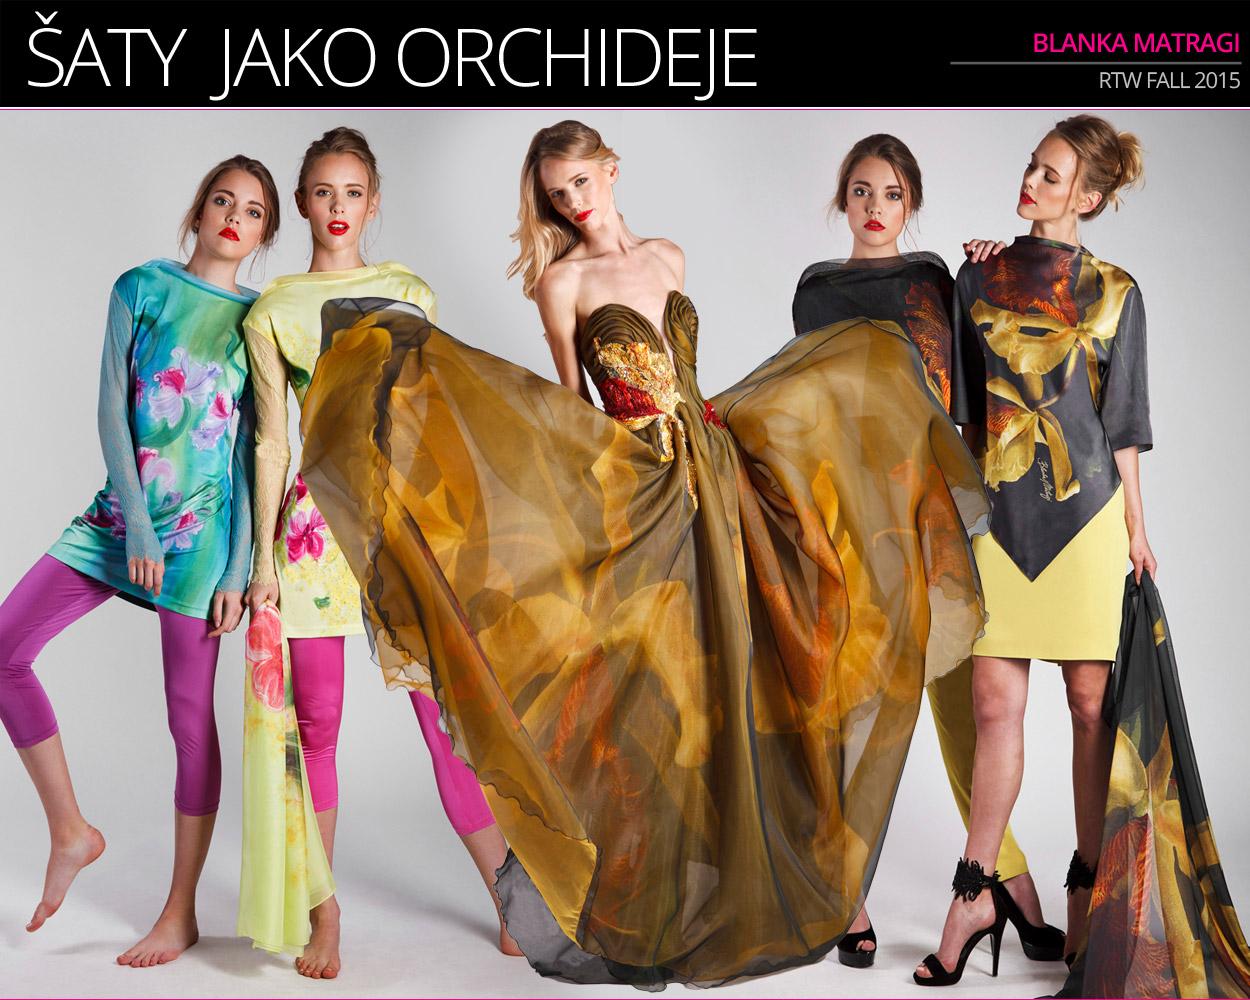 Blanka Matragi a její RTW móda 2015 v kolekci Orchidej.